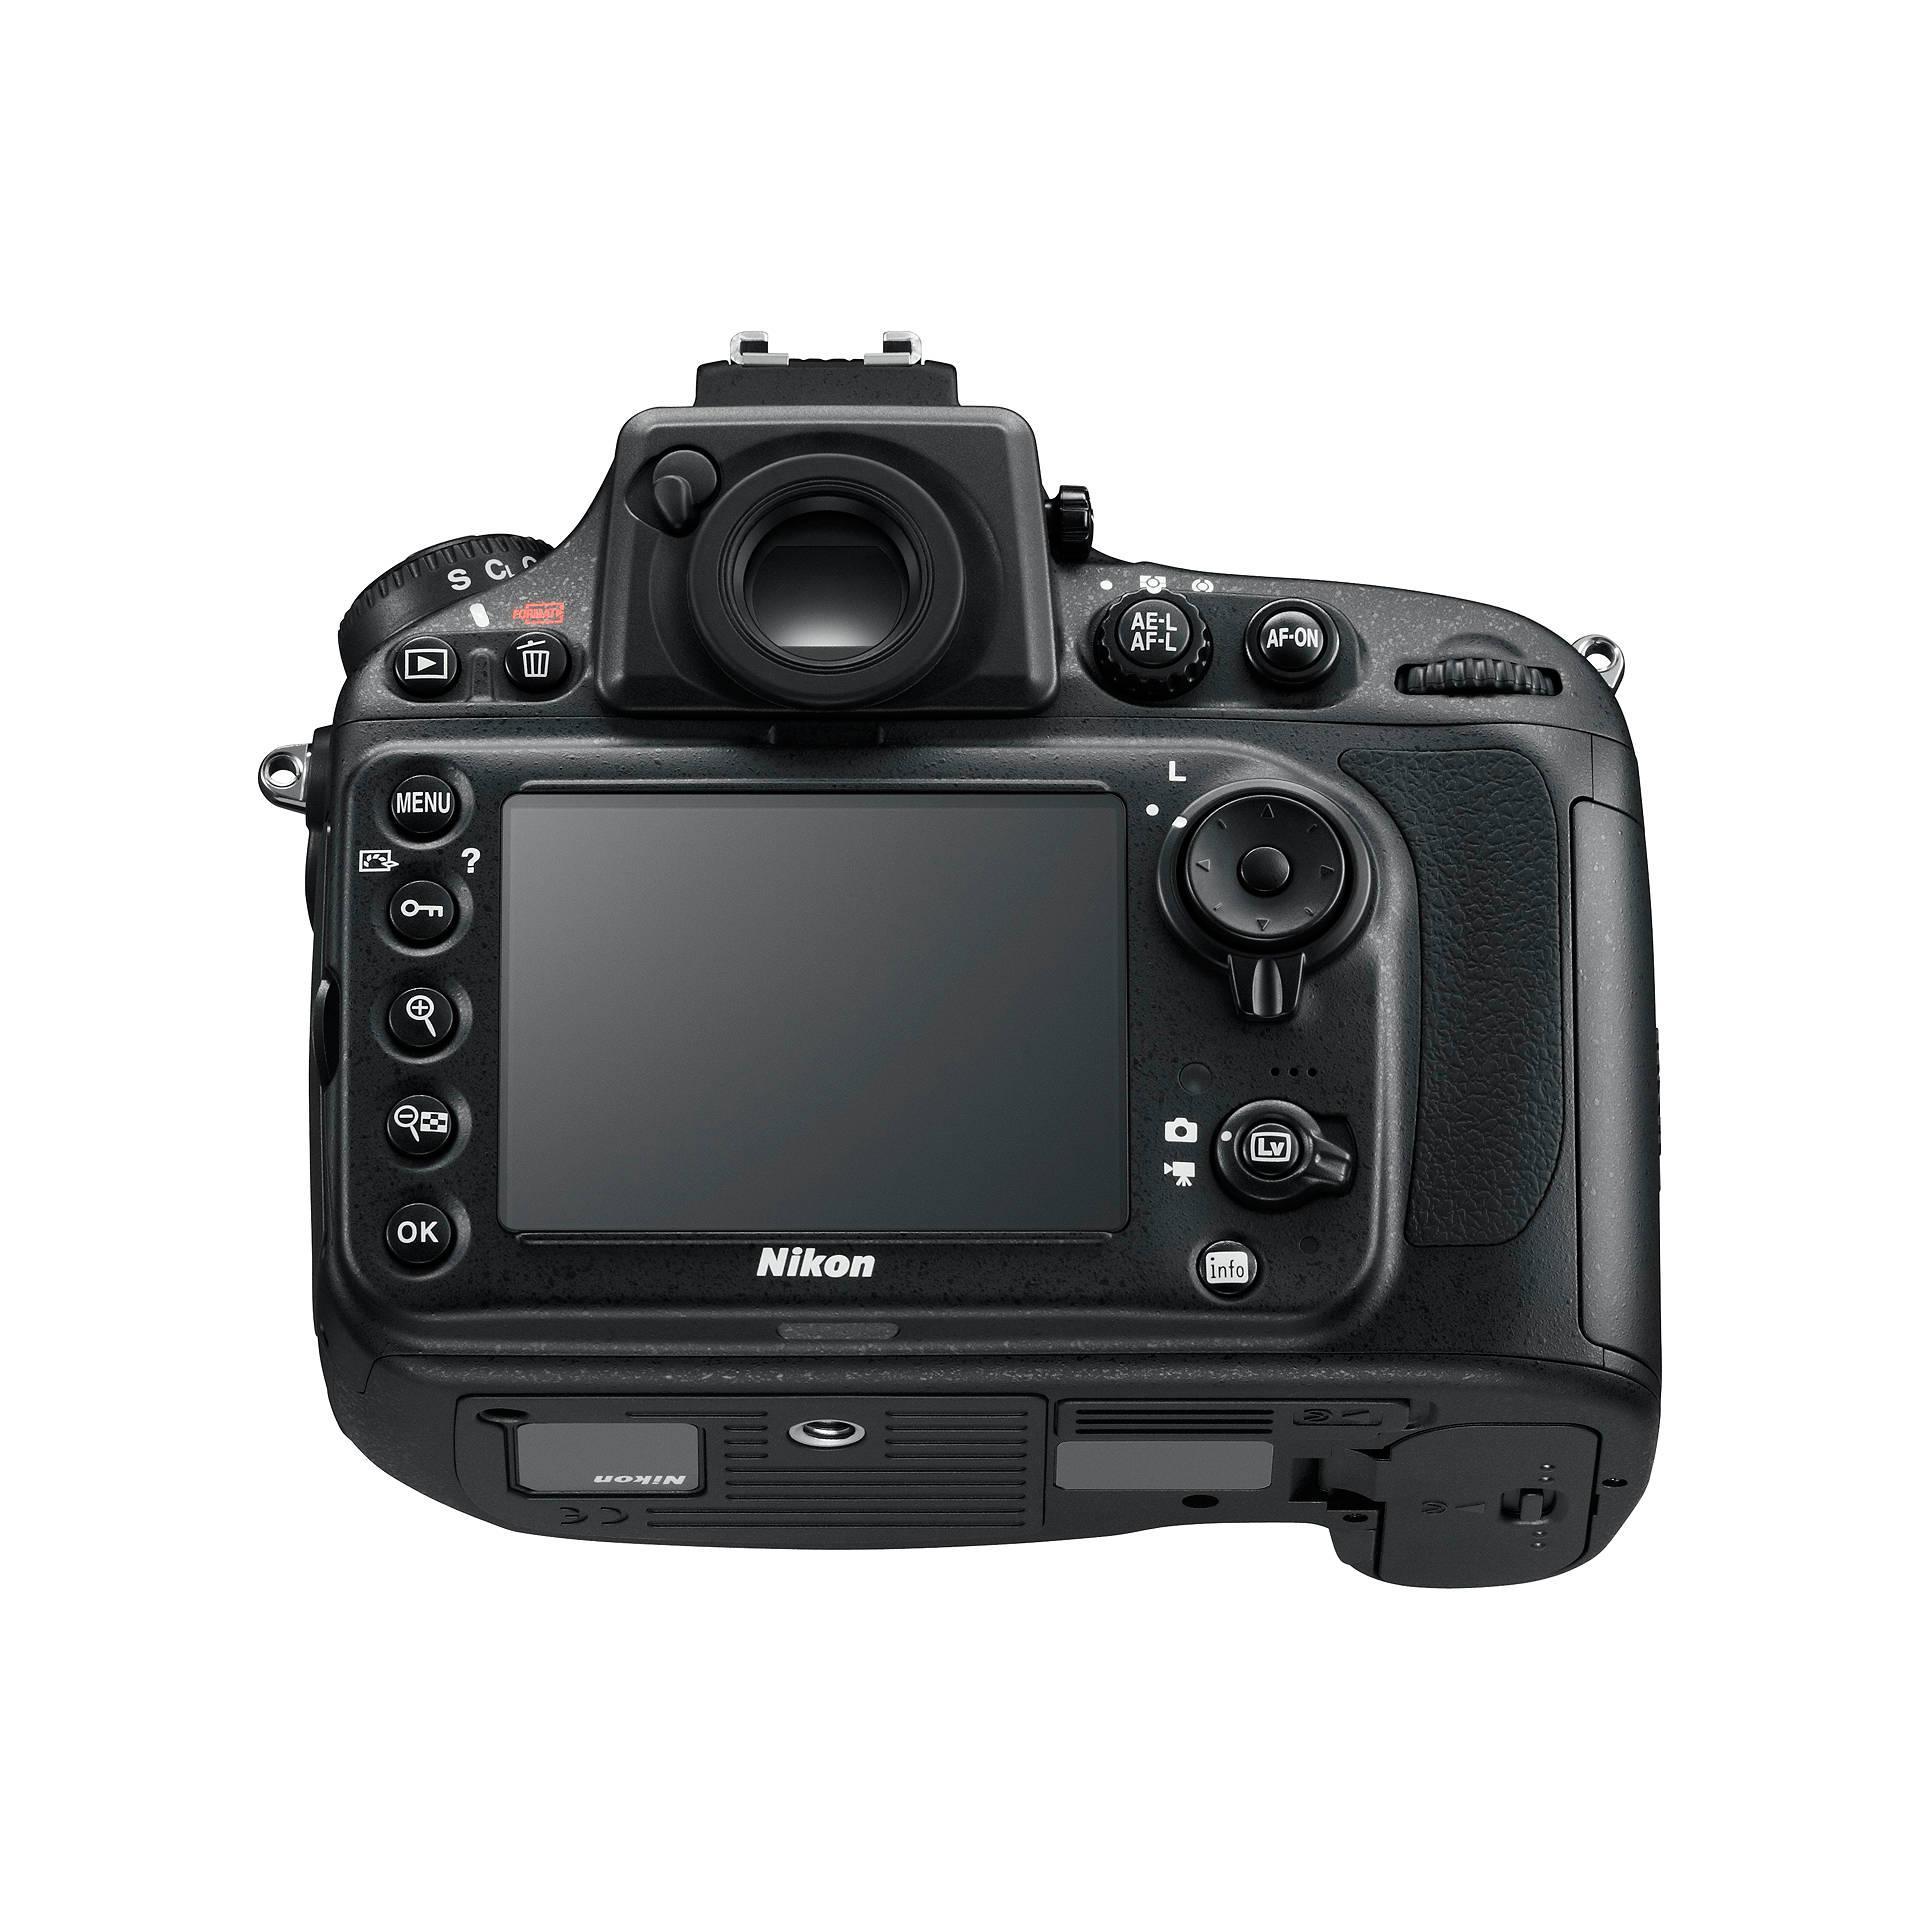 Nikon D800 Zrkadlovka 36 - Čierna